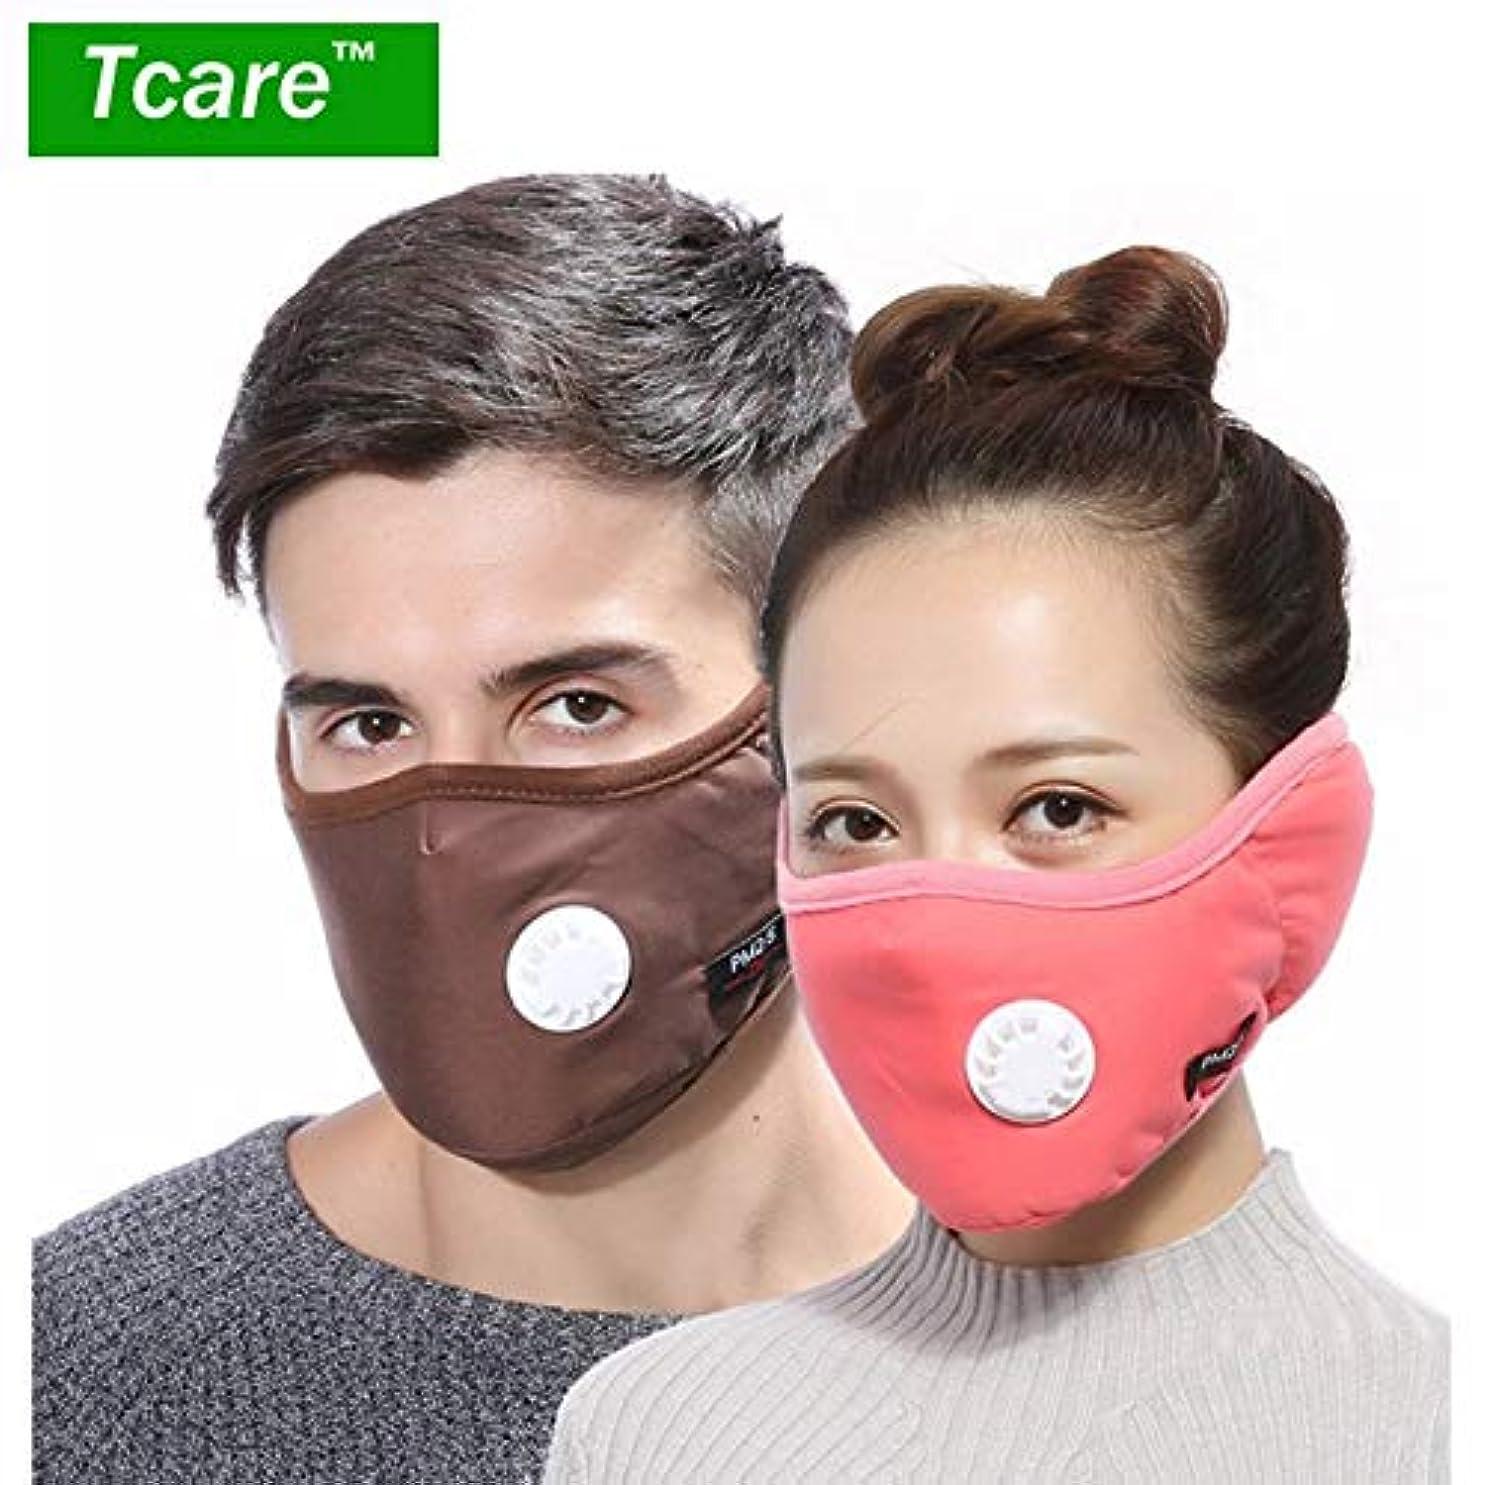 吸収剤マガジンフォアマン7グレー:1 PM2.5マスクバルブコットンアンチダスト口マスクの冬のイヤーマフActtedフィルター付マスクでTcare 2